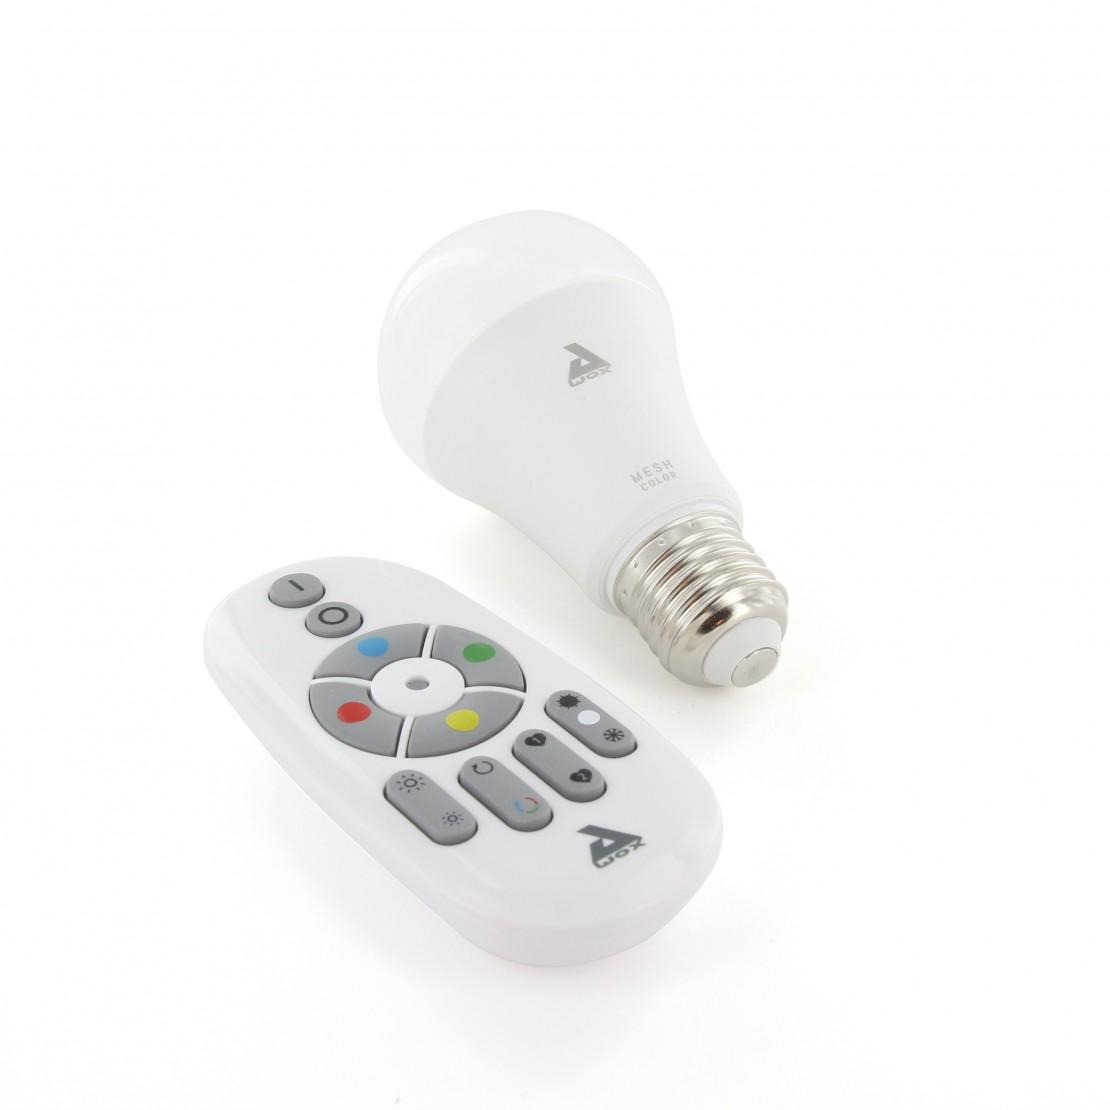 Conjunto de lâmpadas E27 de cor, Bluetooth Mesh e telecomando